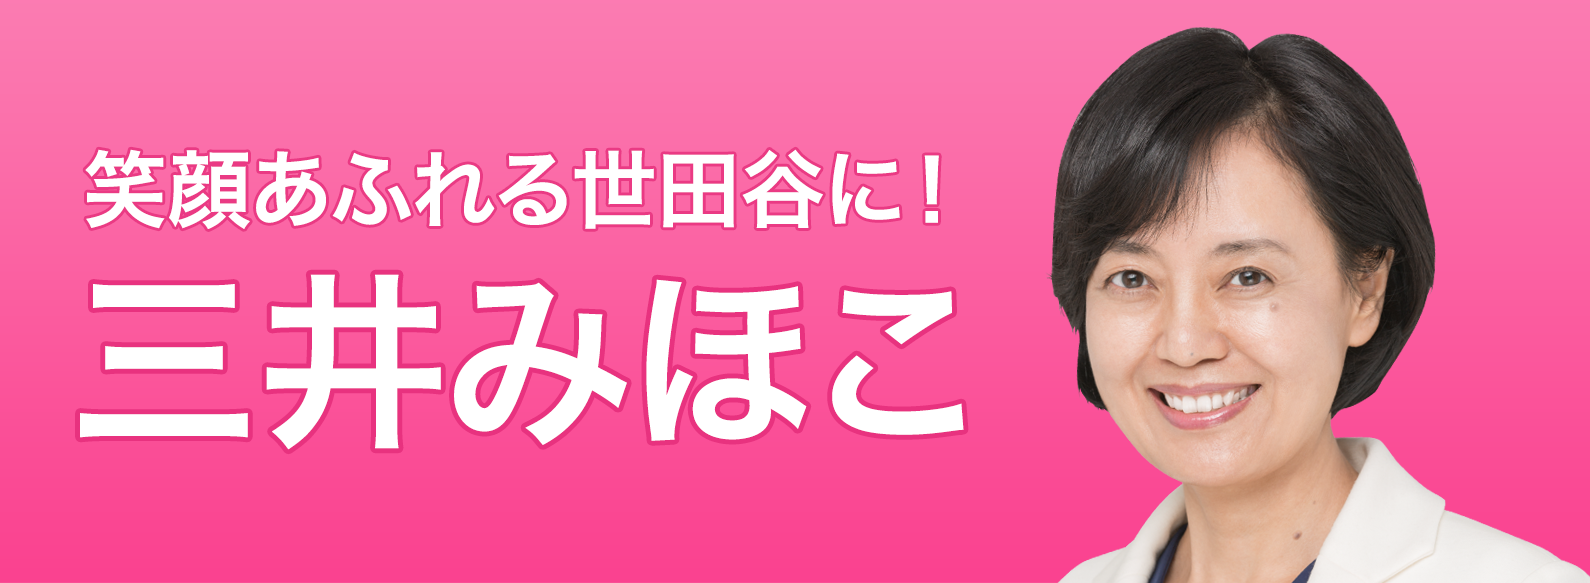 三井みほこ 公式サイト